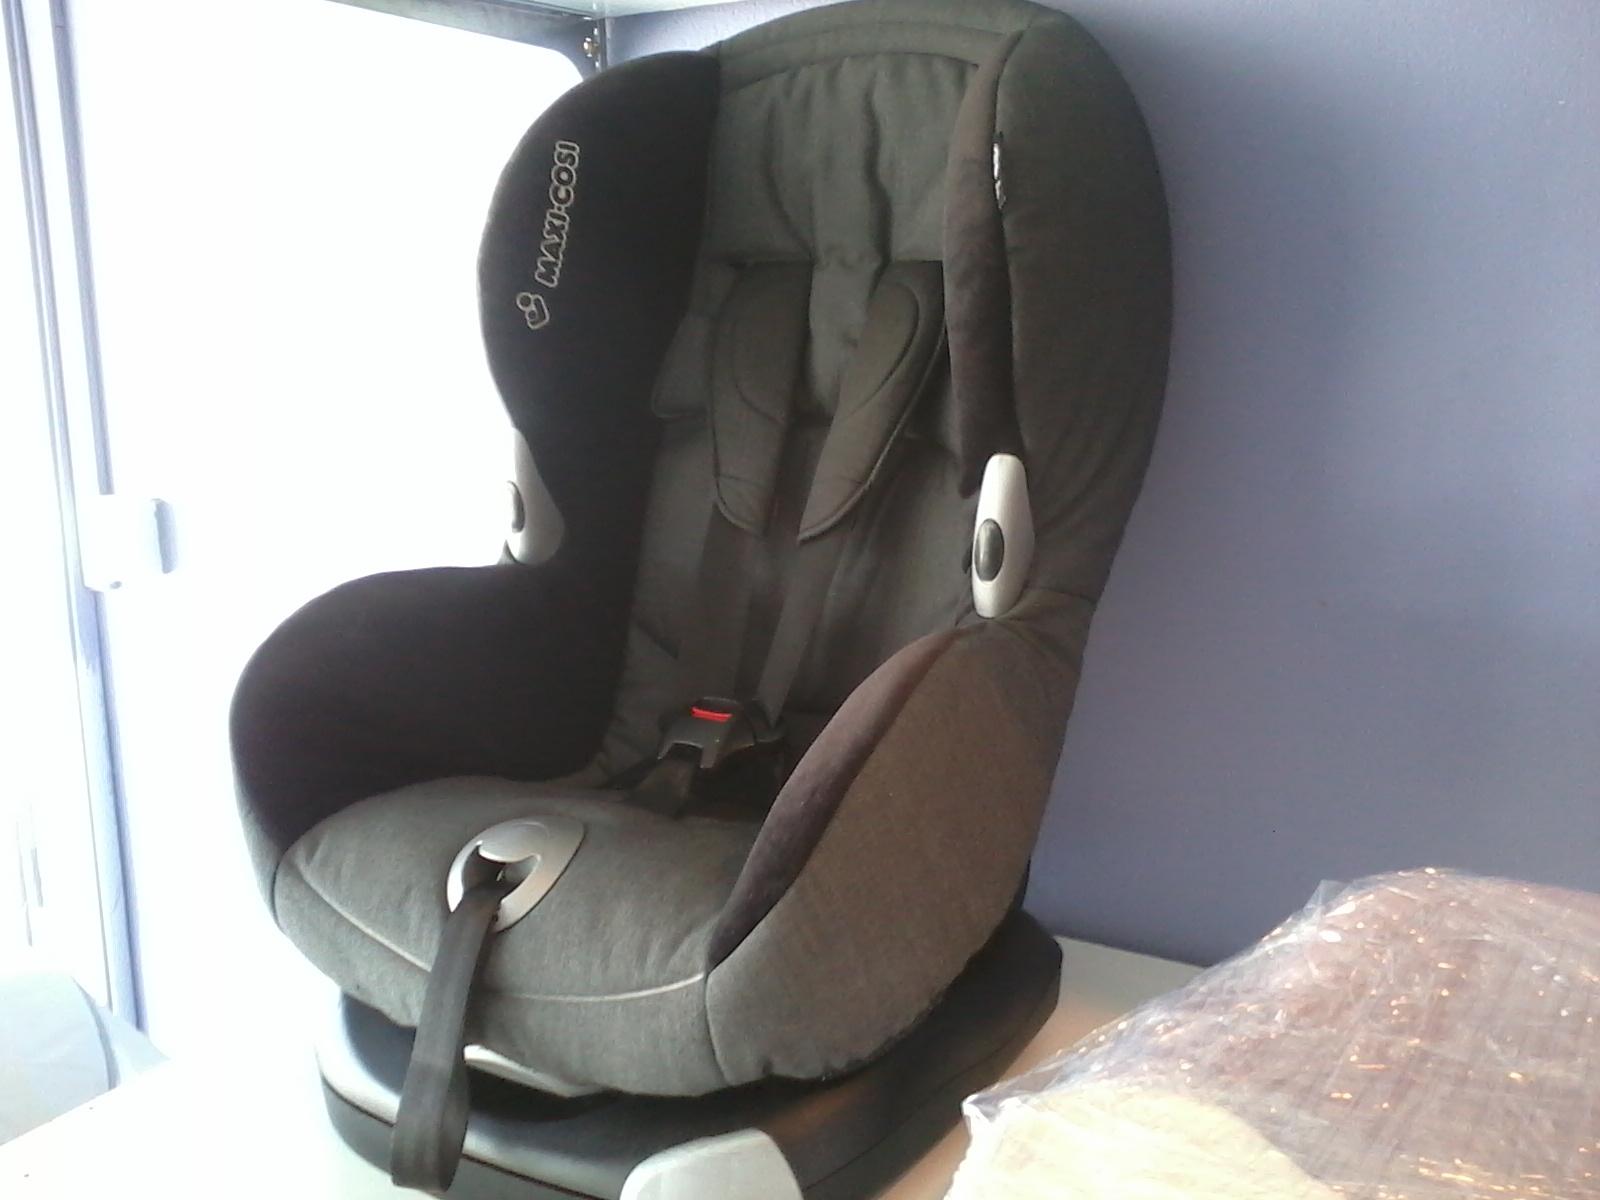 aliff preloved store maxi cosi priori xp carseat. Black Bedroom Furniture Sets. Home Design Ideas